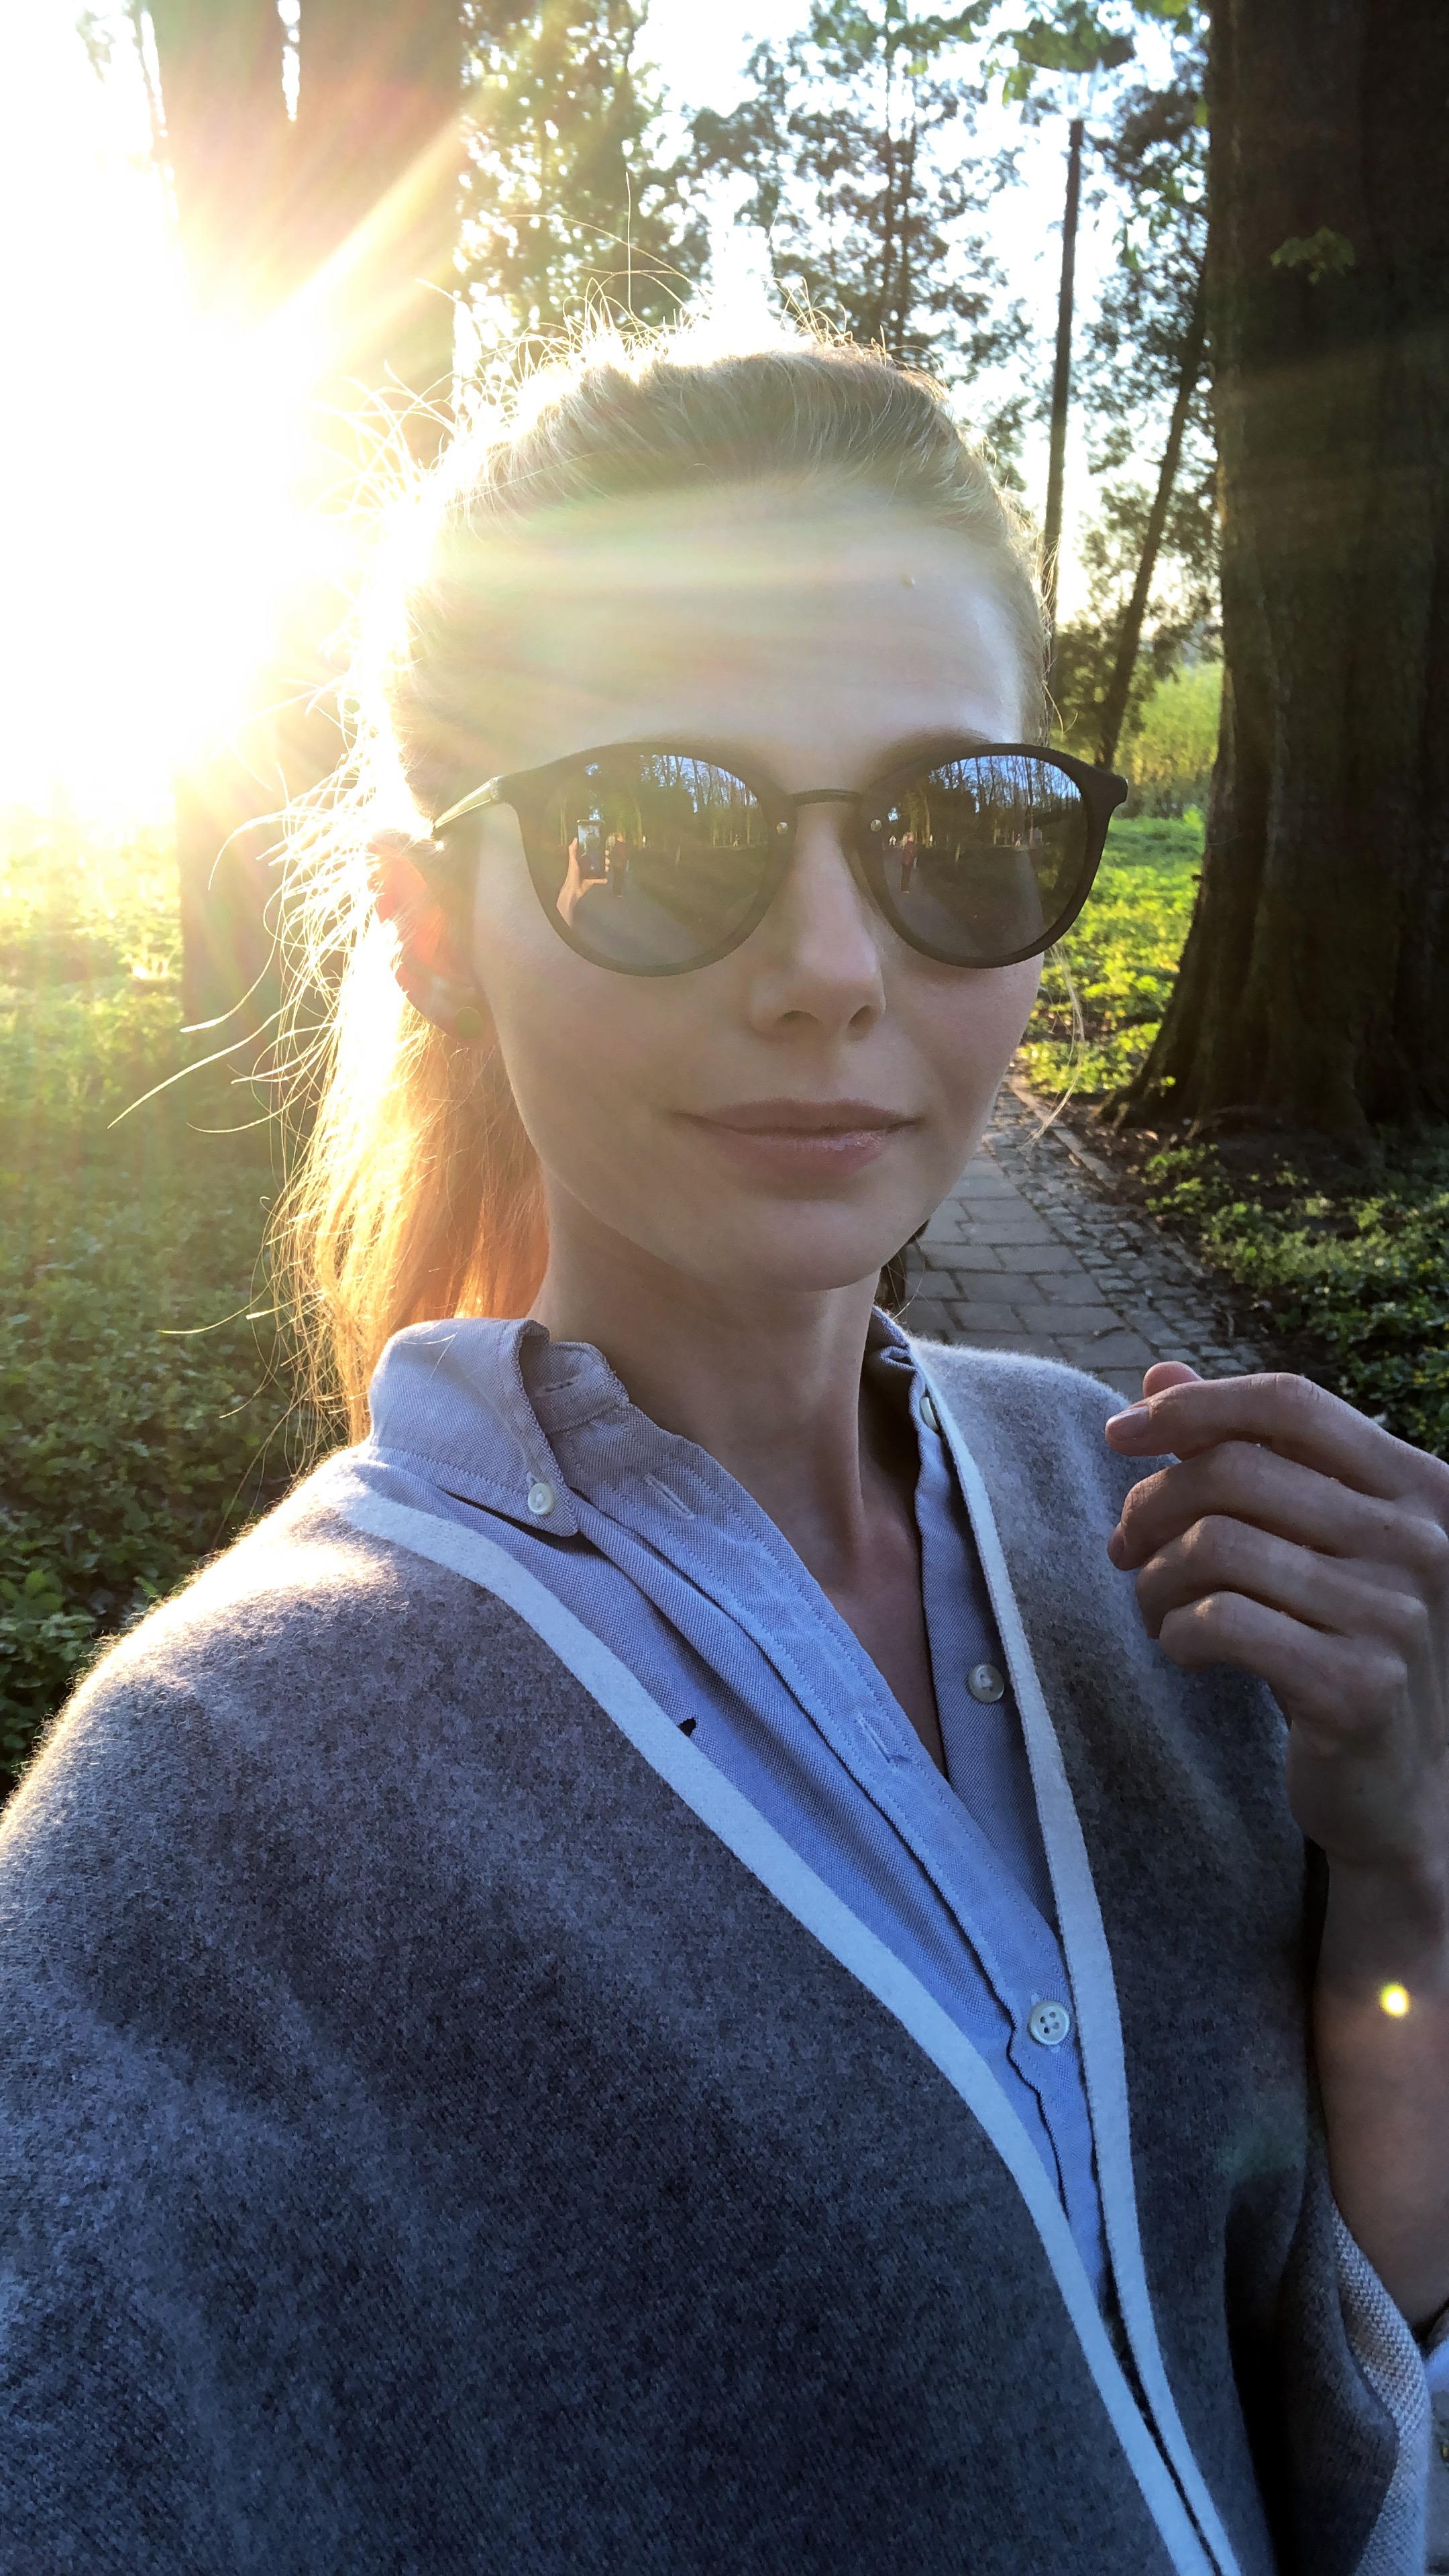 BlogStar: Izabela Zwierzyńska: Odpocznij w uzdrowisku - BlogStar.pl